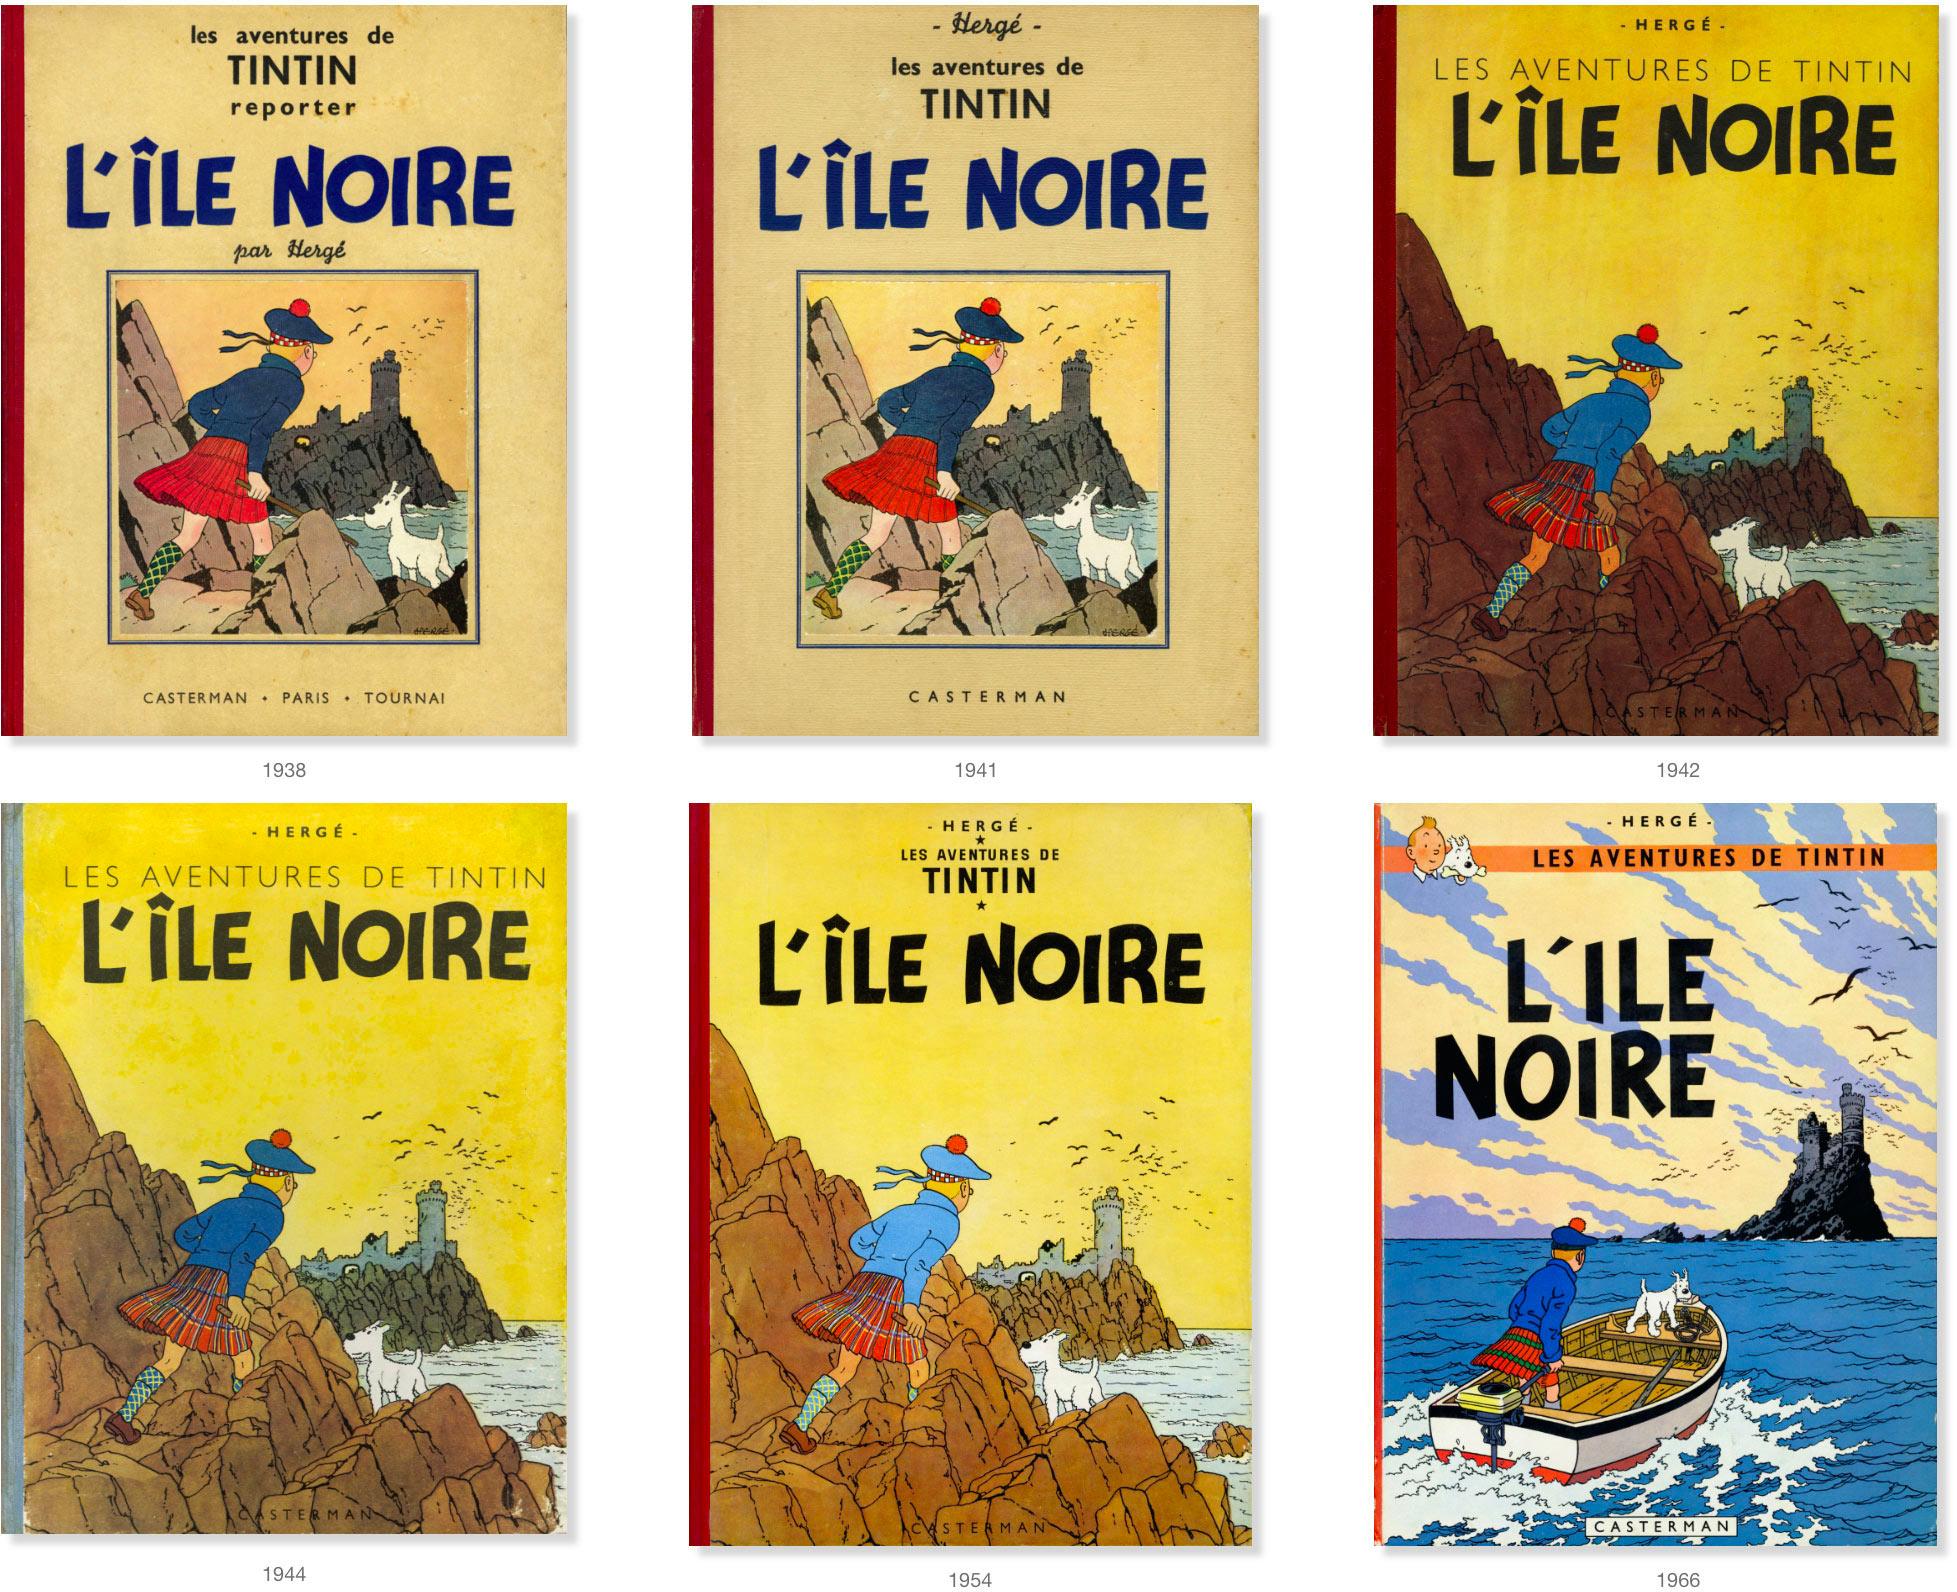 Couvertures Tintin de l'Ile noir de 1938 à 1966